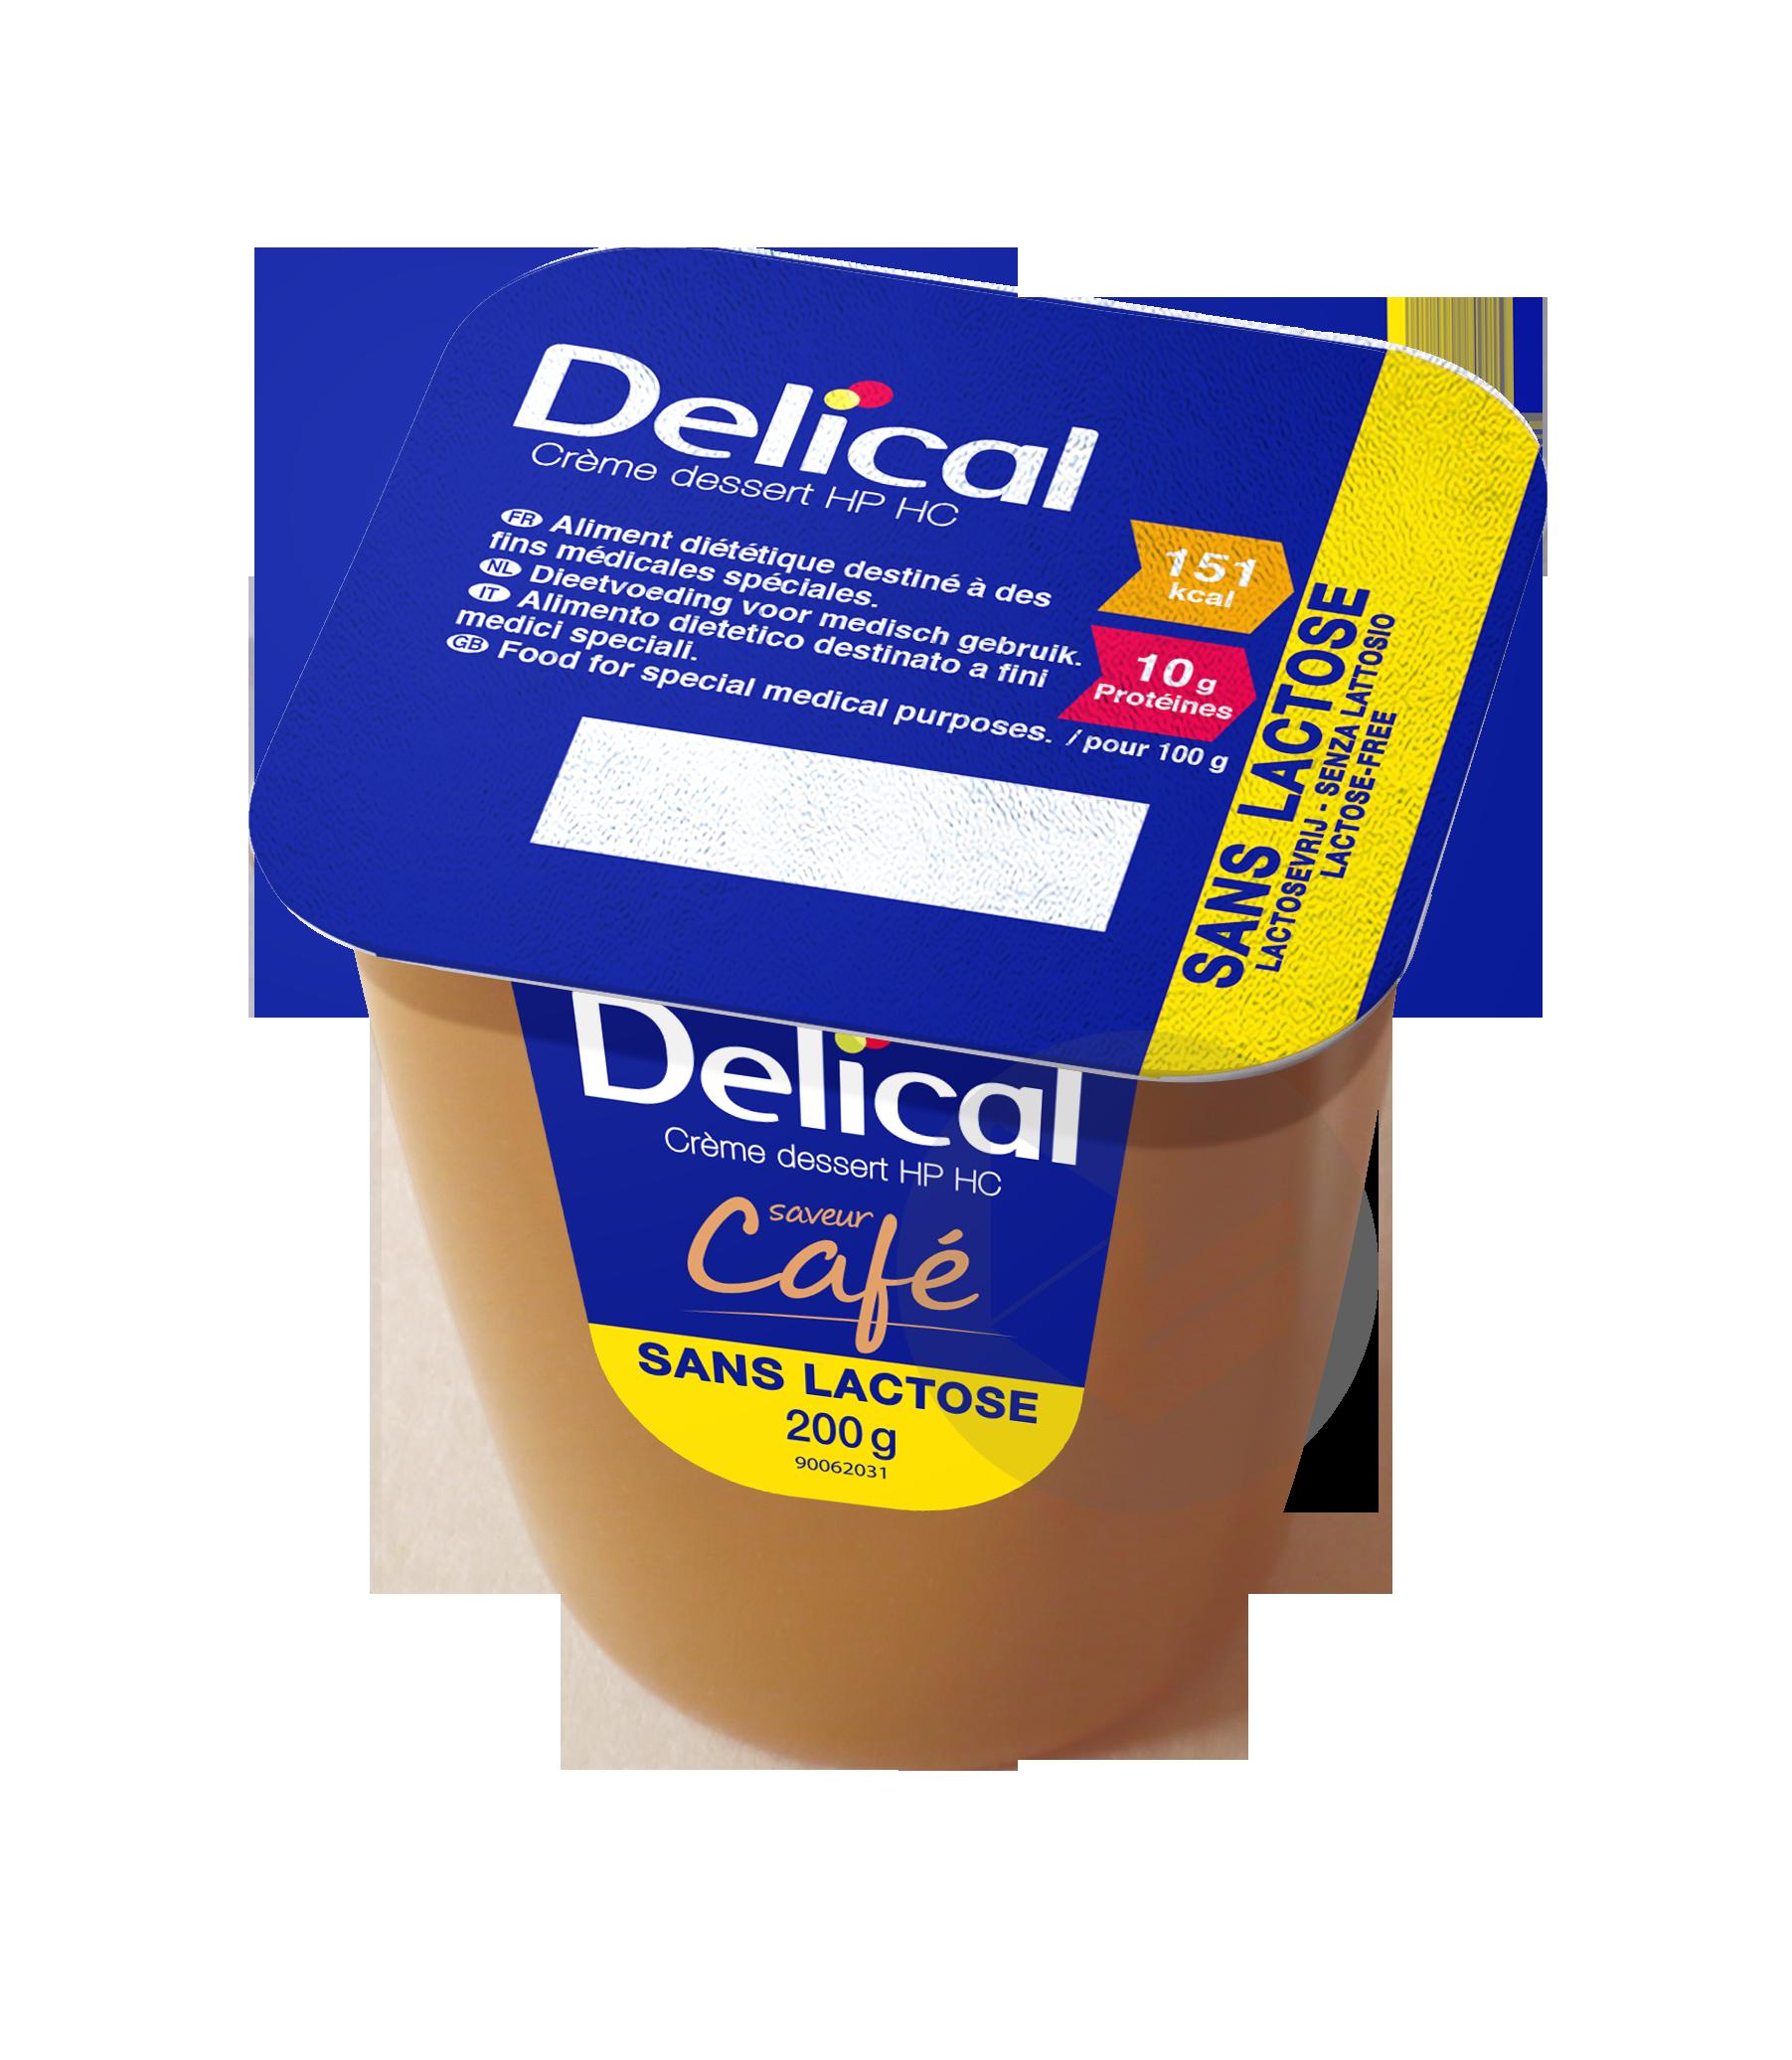 Delical Creme Dessert Hp Hc Sans Lactose Cafe